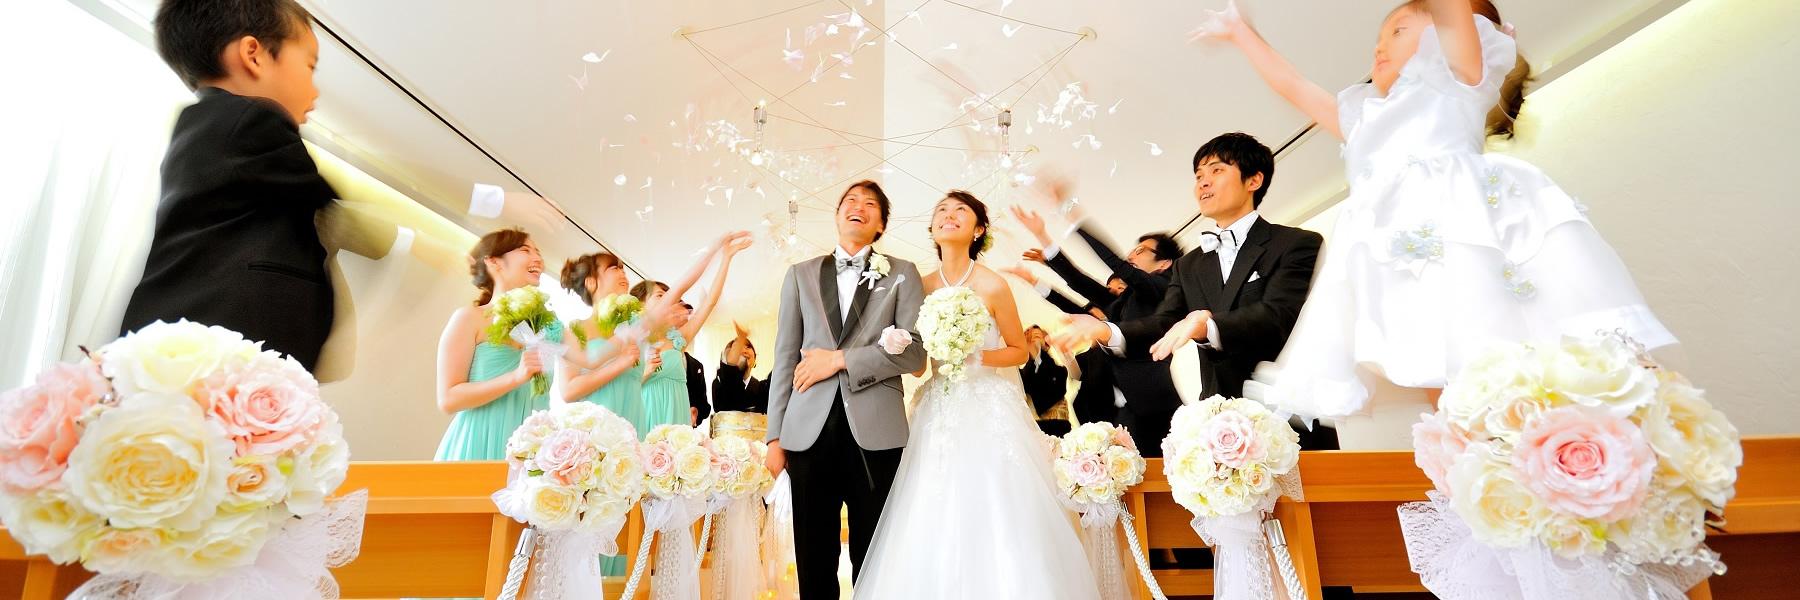 挙式|レンブラントホテル海老名(旧オークラフロンティアホテル海老名)【公式】婚礼サイト